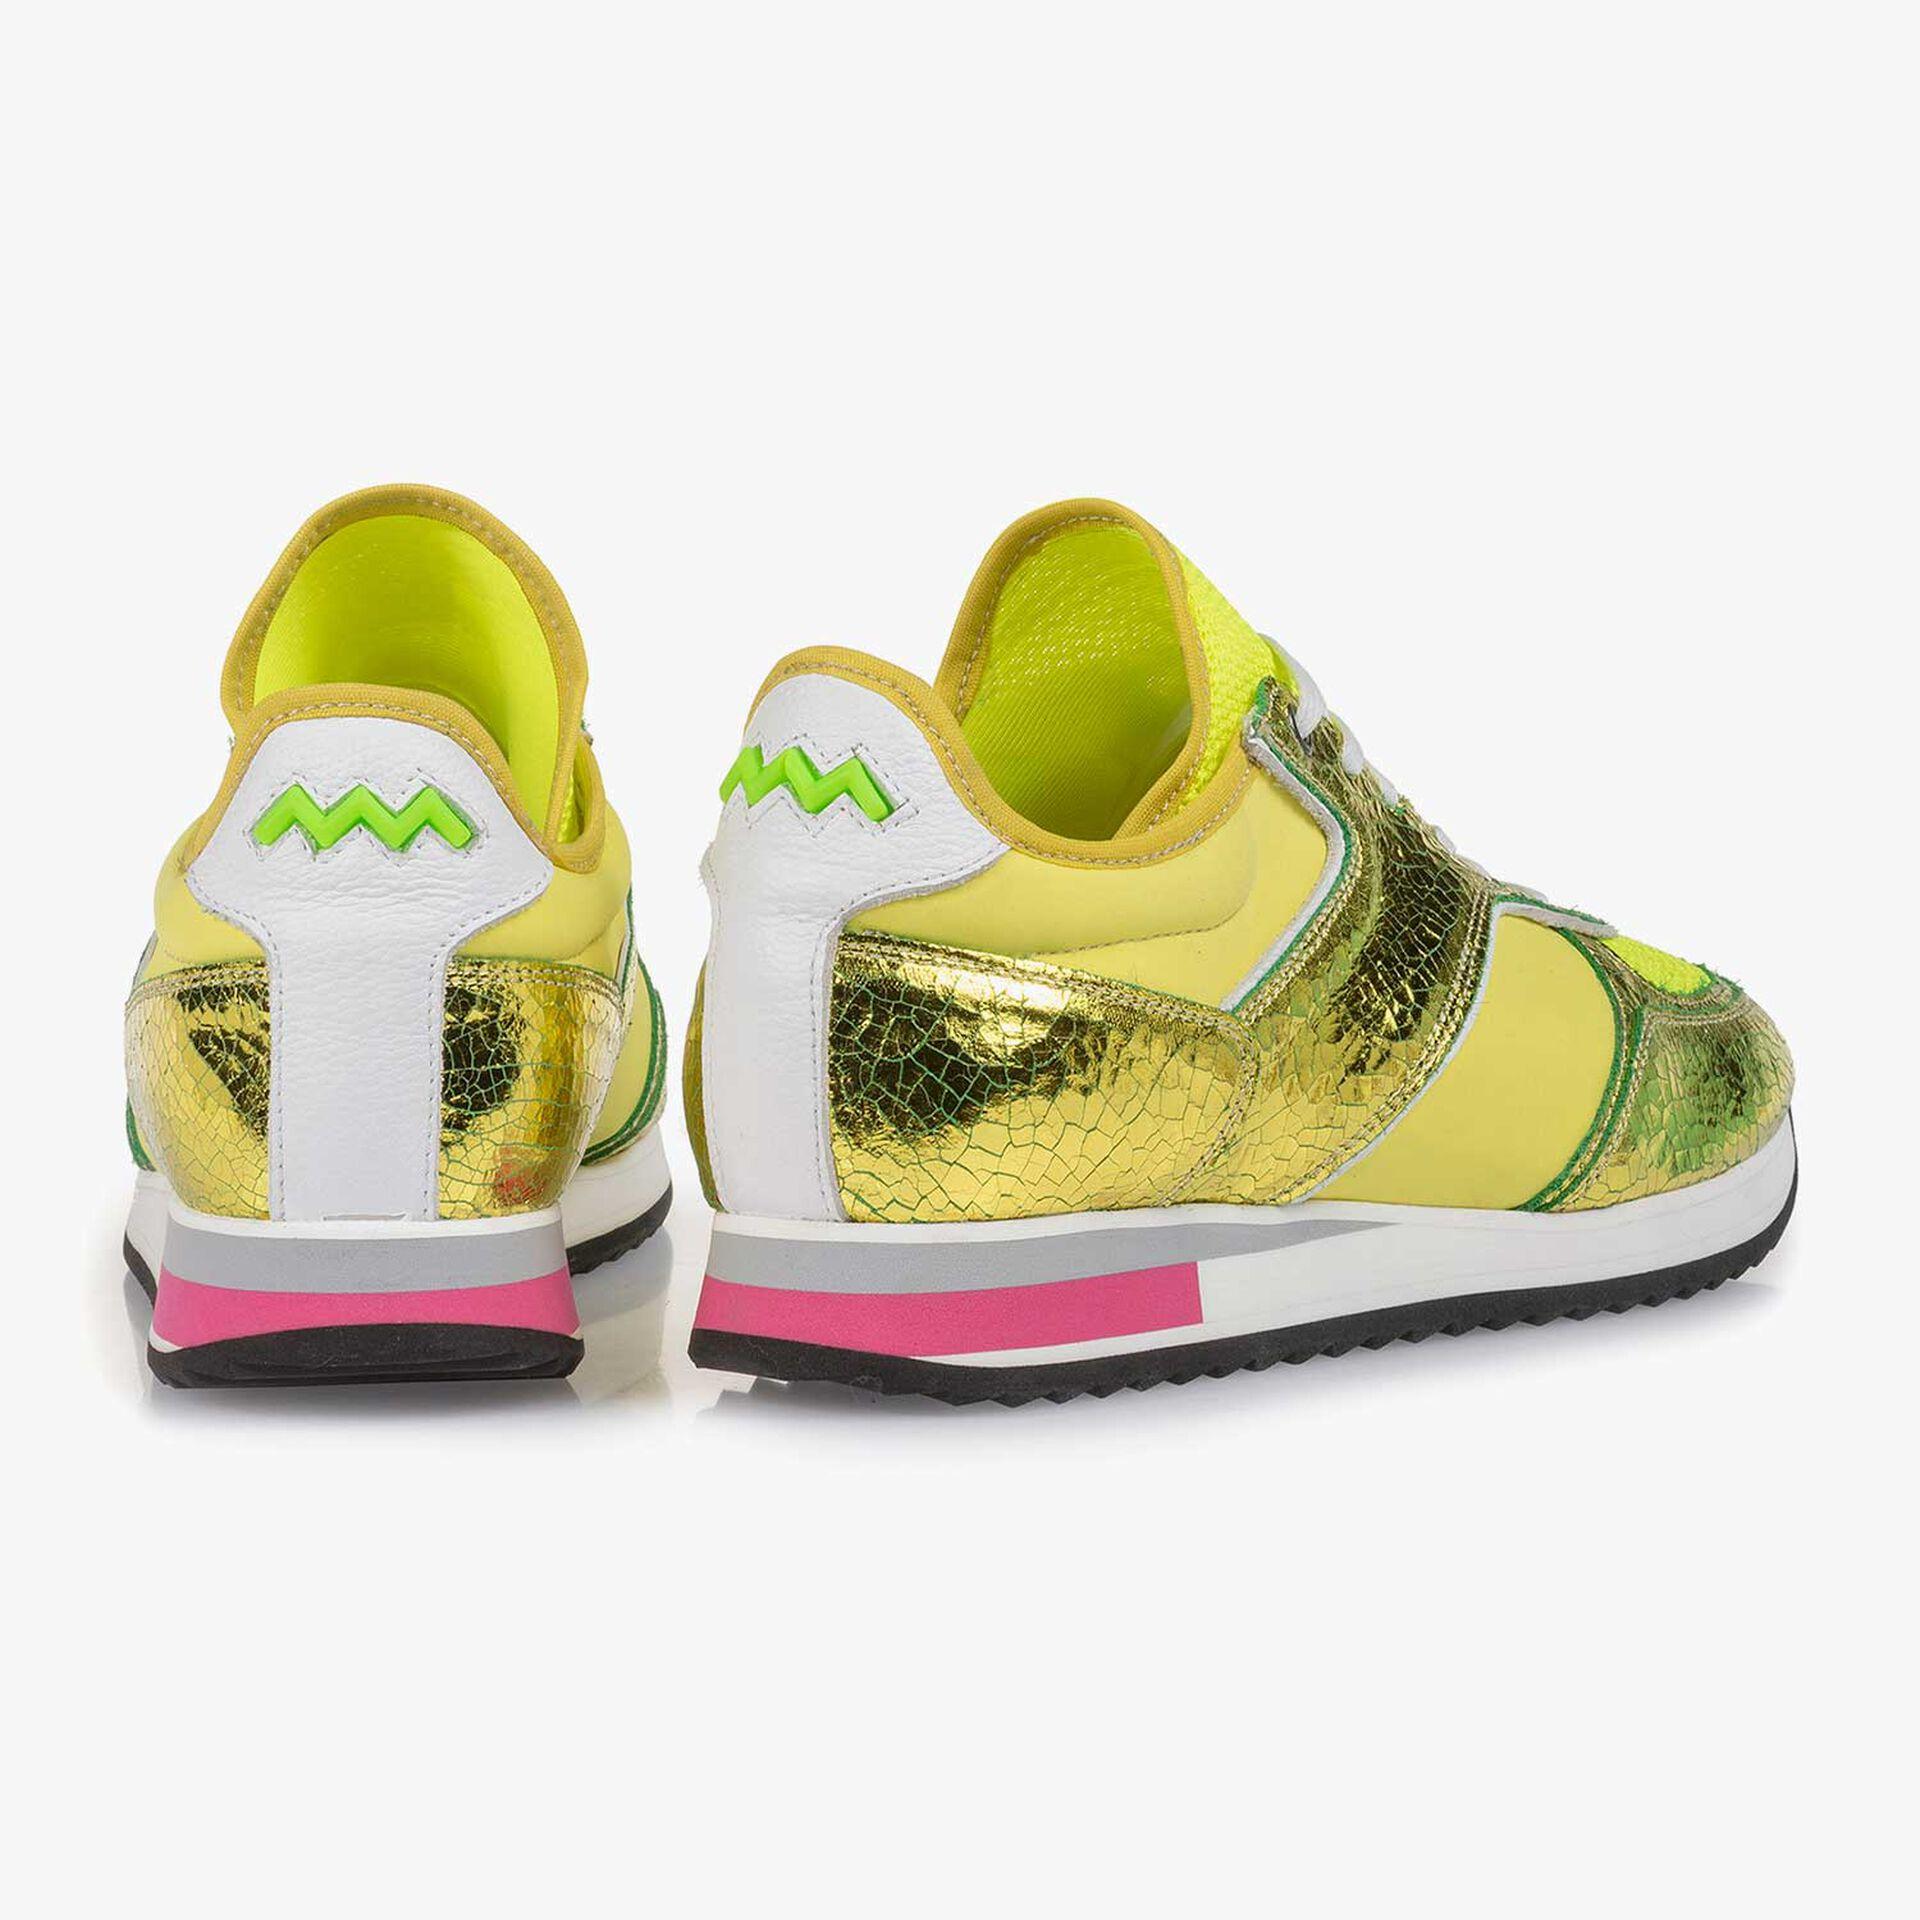 Gelber Metallic Leder-Sneaker mit changierendem Effekt